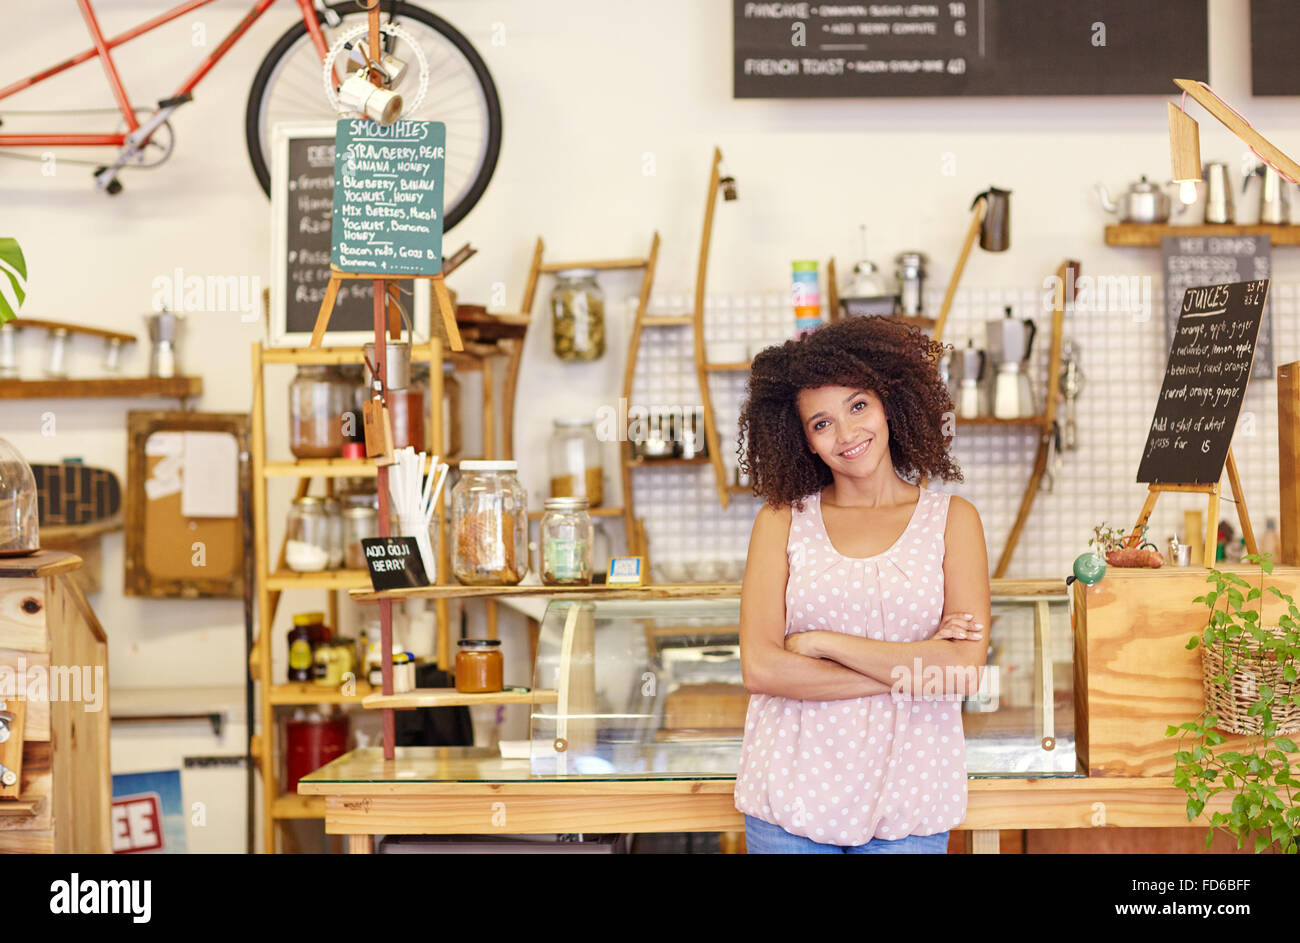 Los propietarios de pequeñas empresas que se erige orgullosa en su cafetería Imagen De Stock